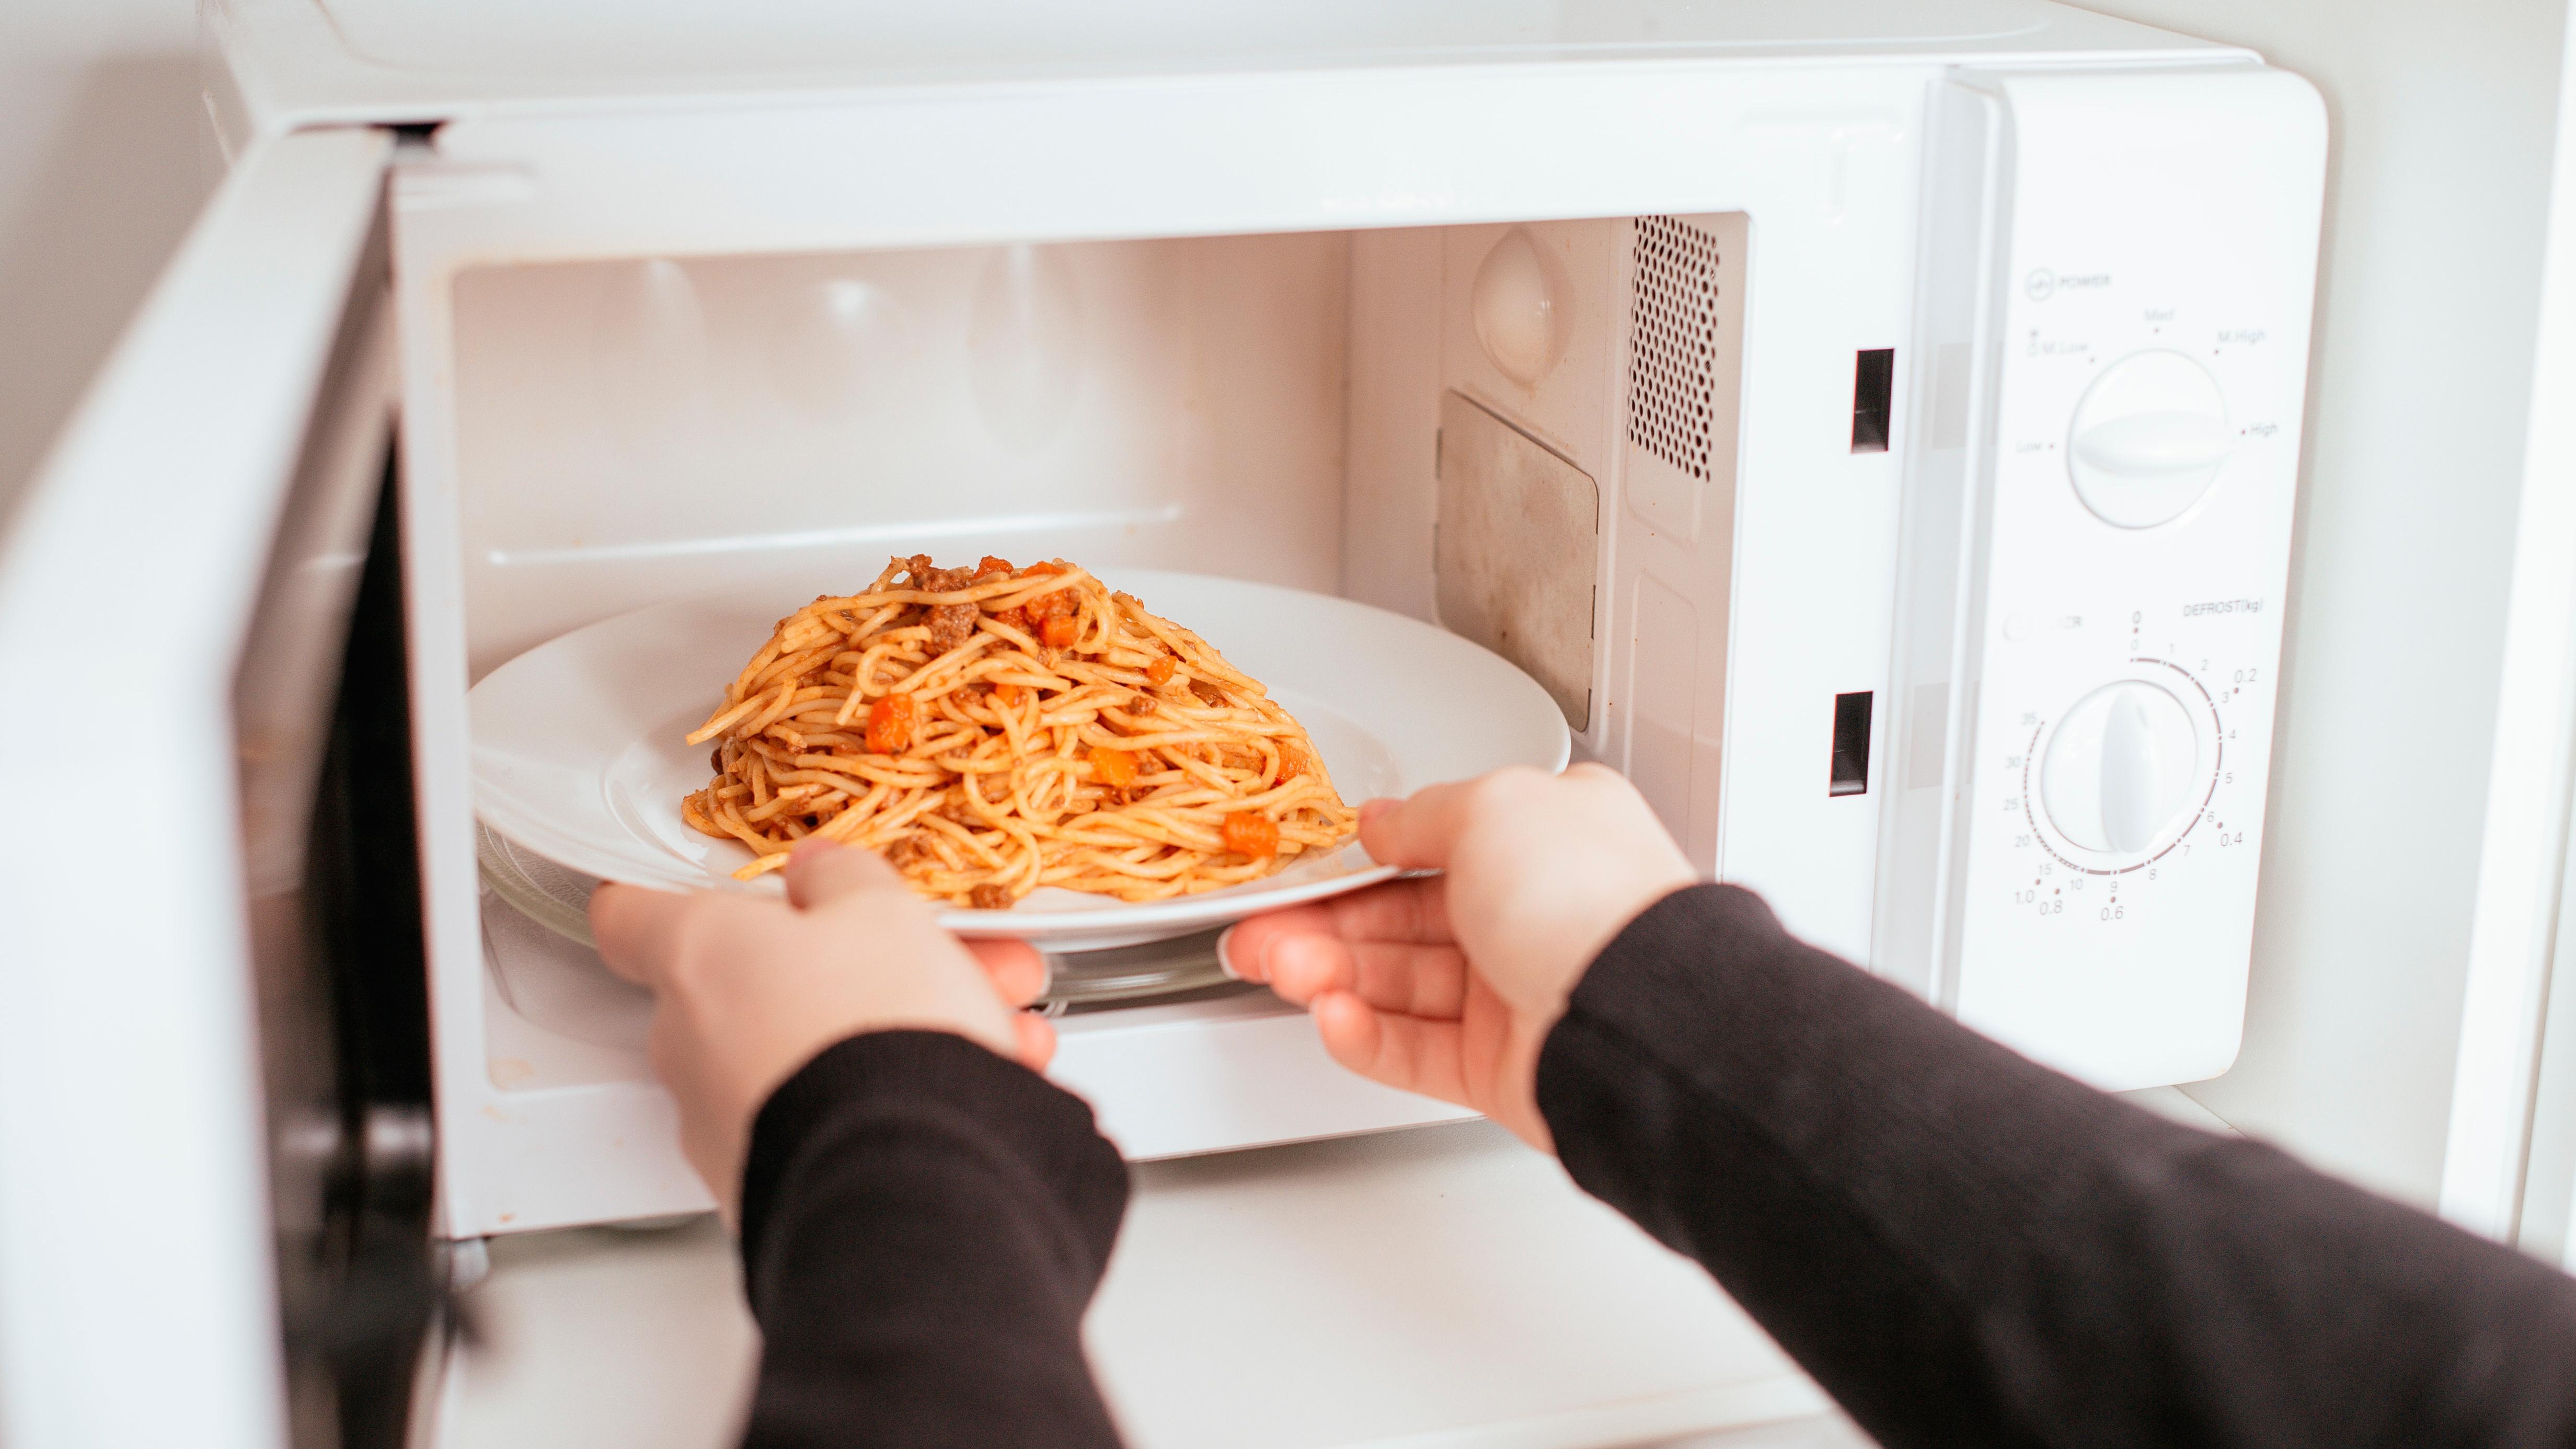 Названы преимущества микроволновой печи перед плитой и духовкой